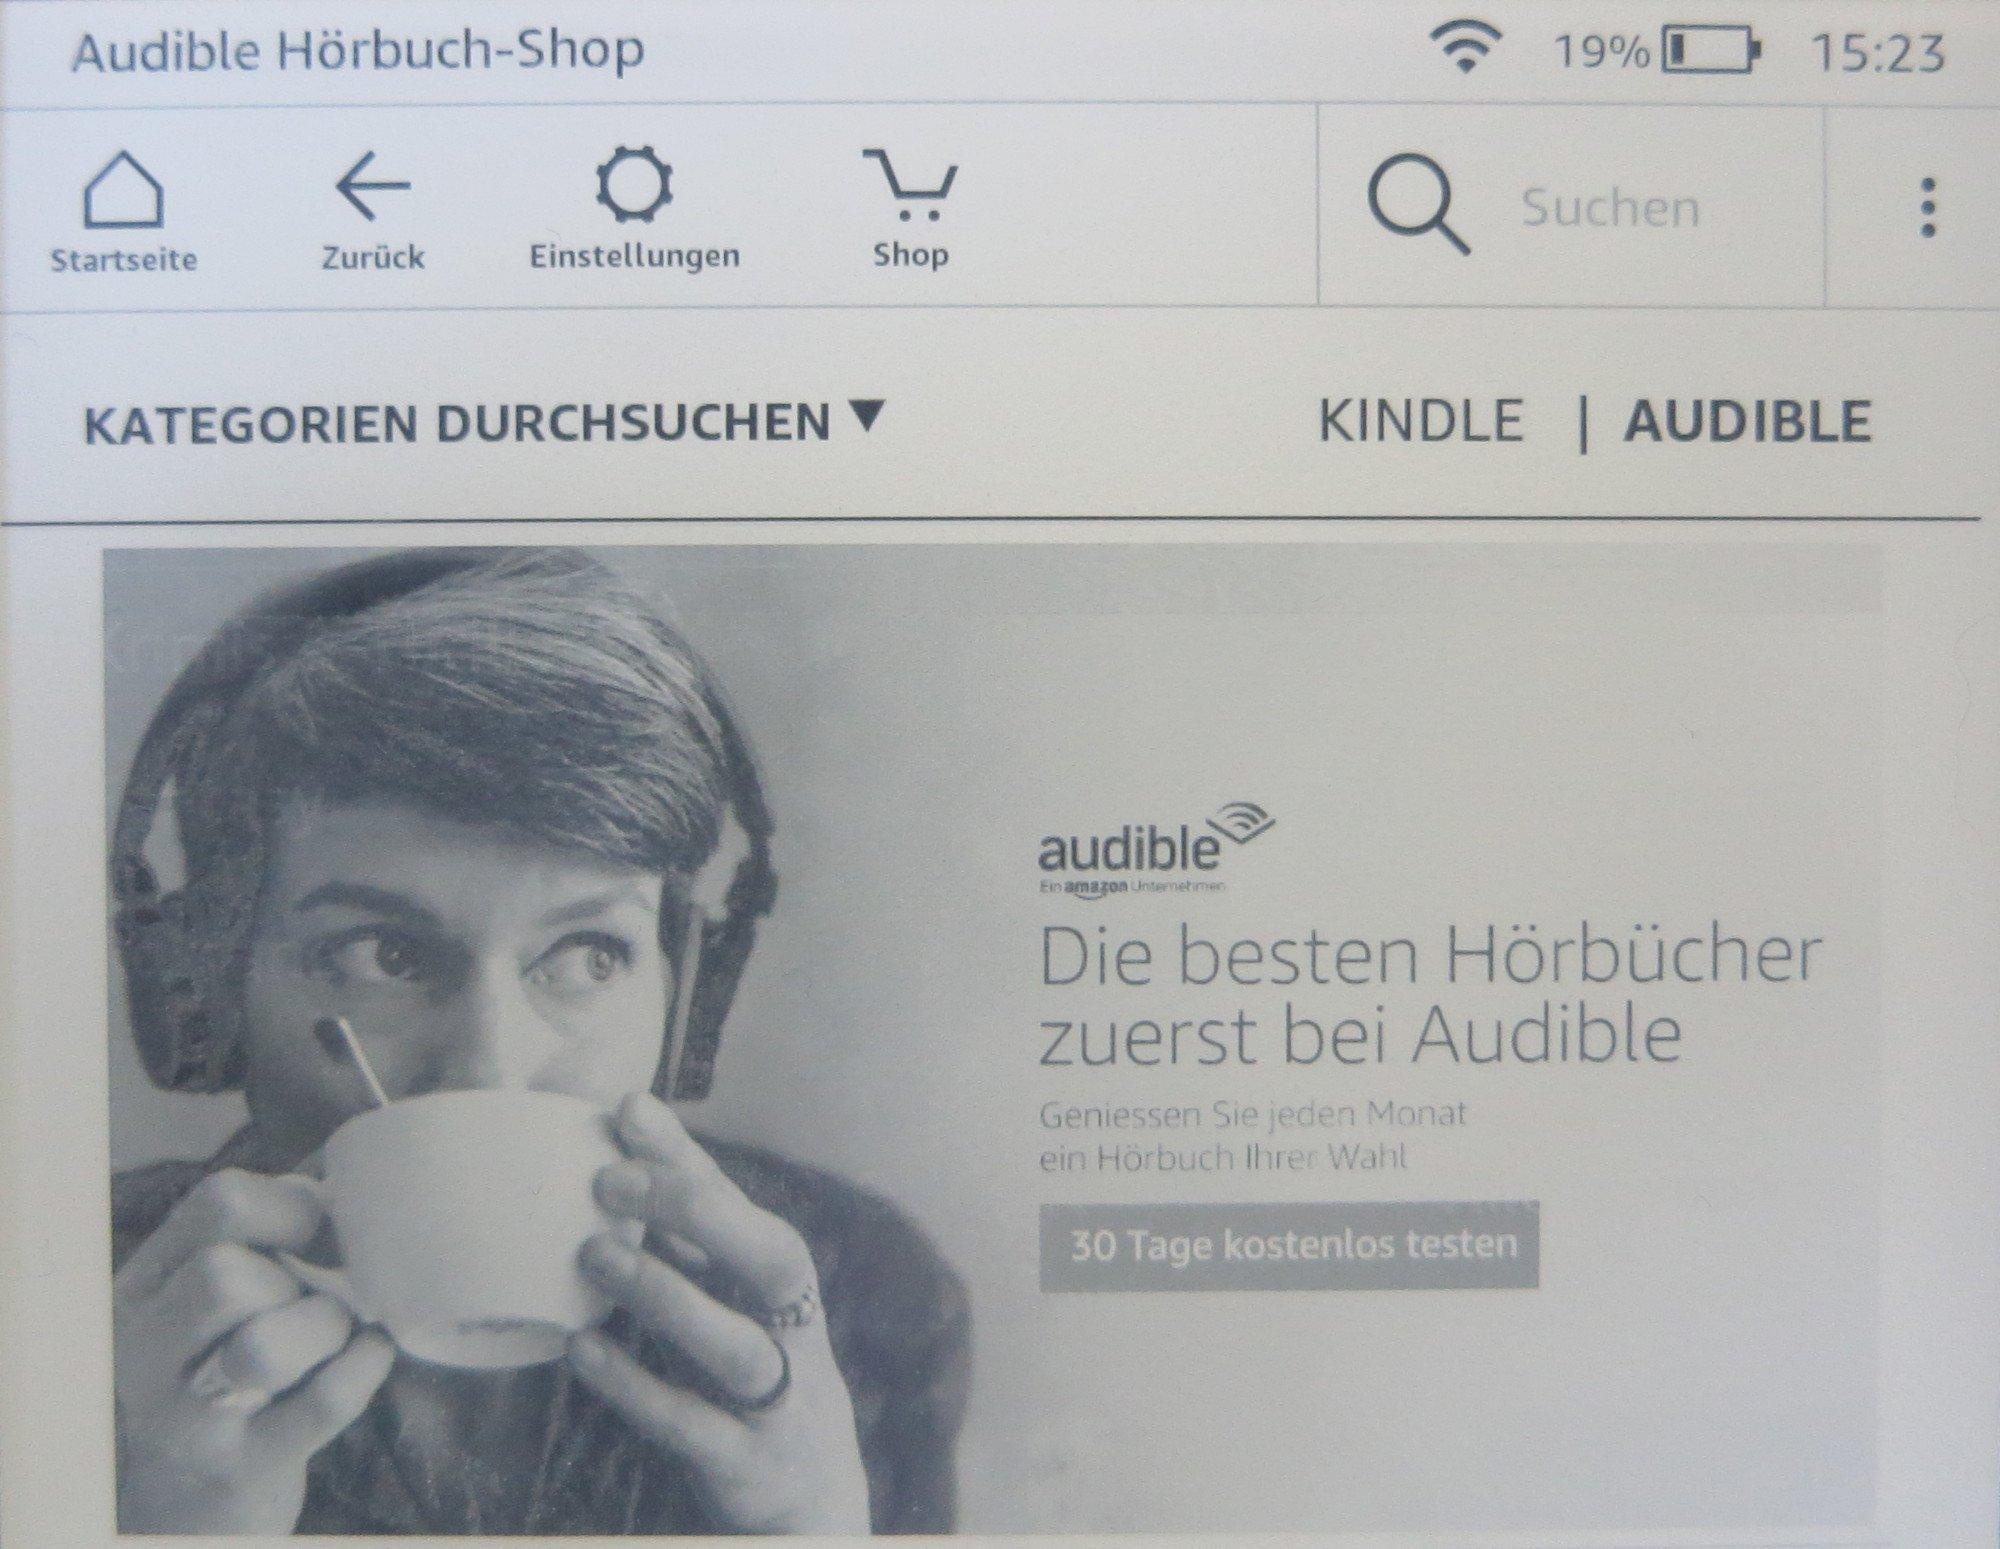 Hörbücher gibt es auf dem Amazon Kindle Paperwhite 2018 im Audible-Shop (Bild: Peter Giesecke)